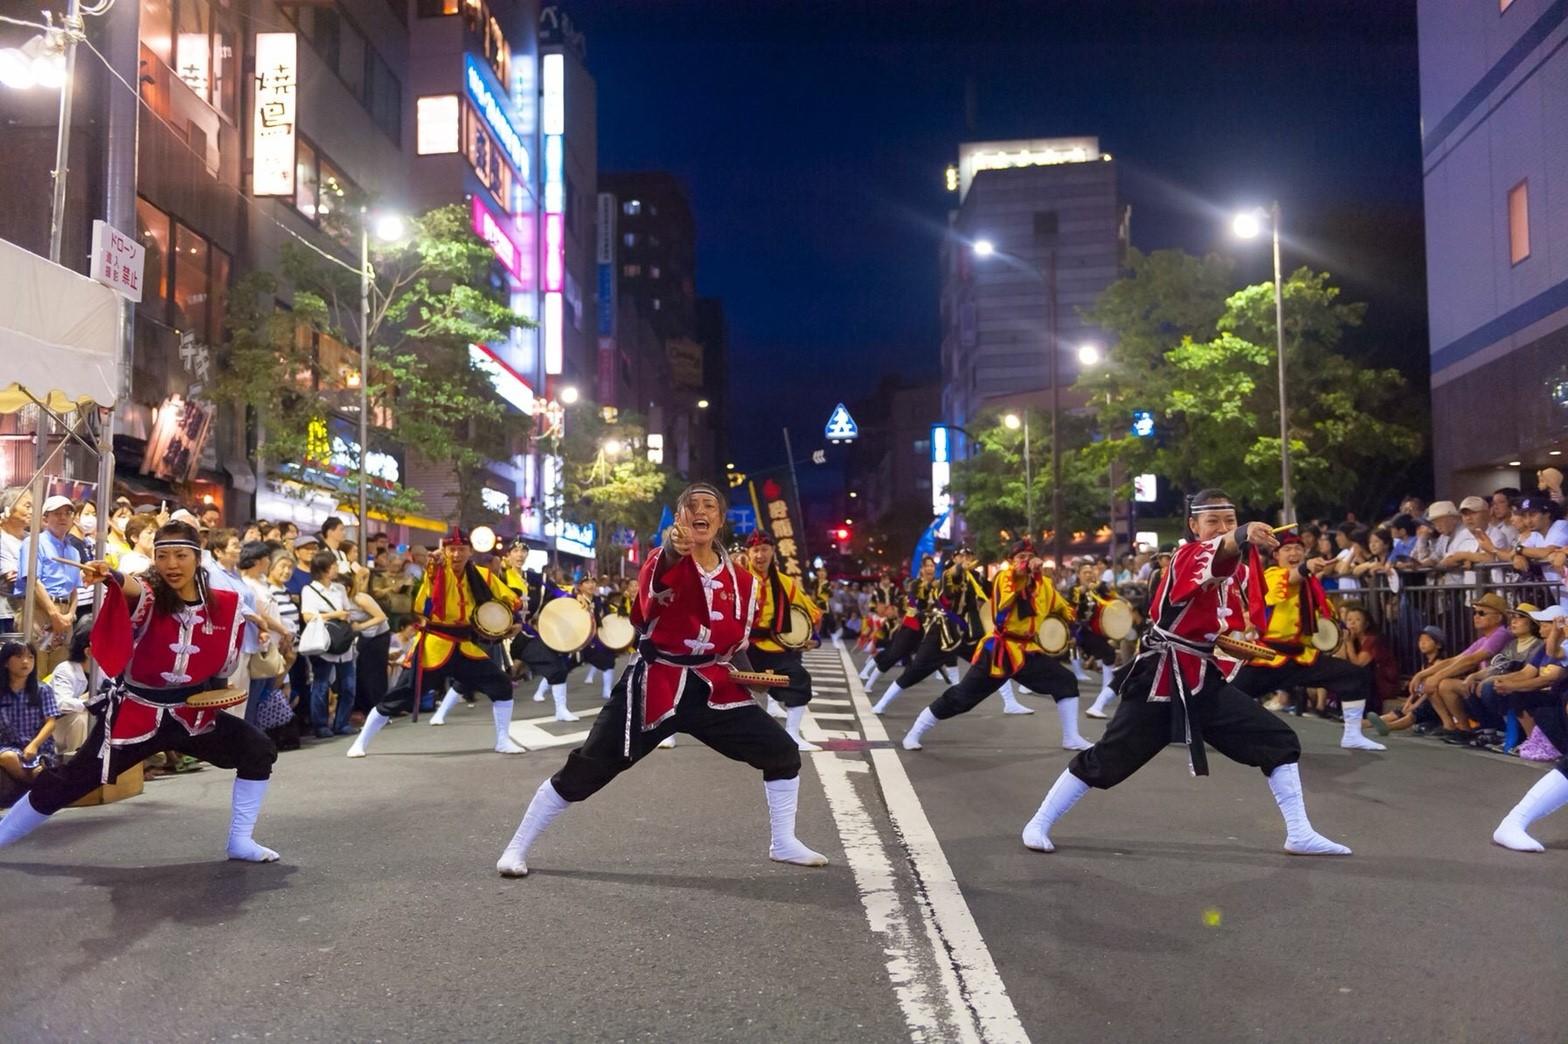 昇龍祭太鼓の魅力